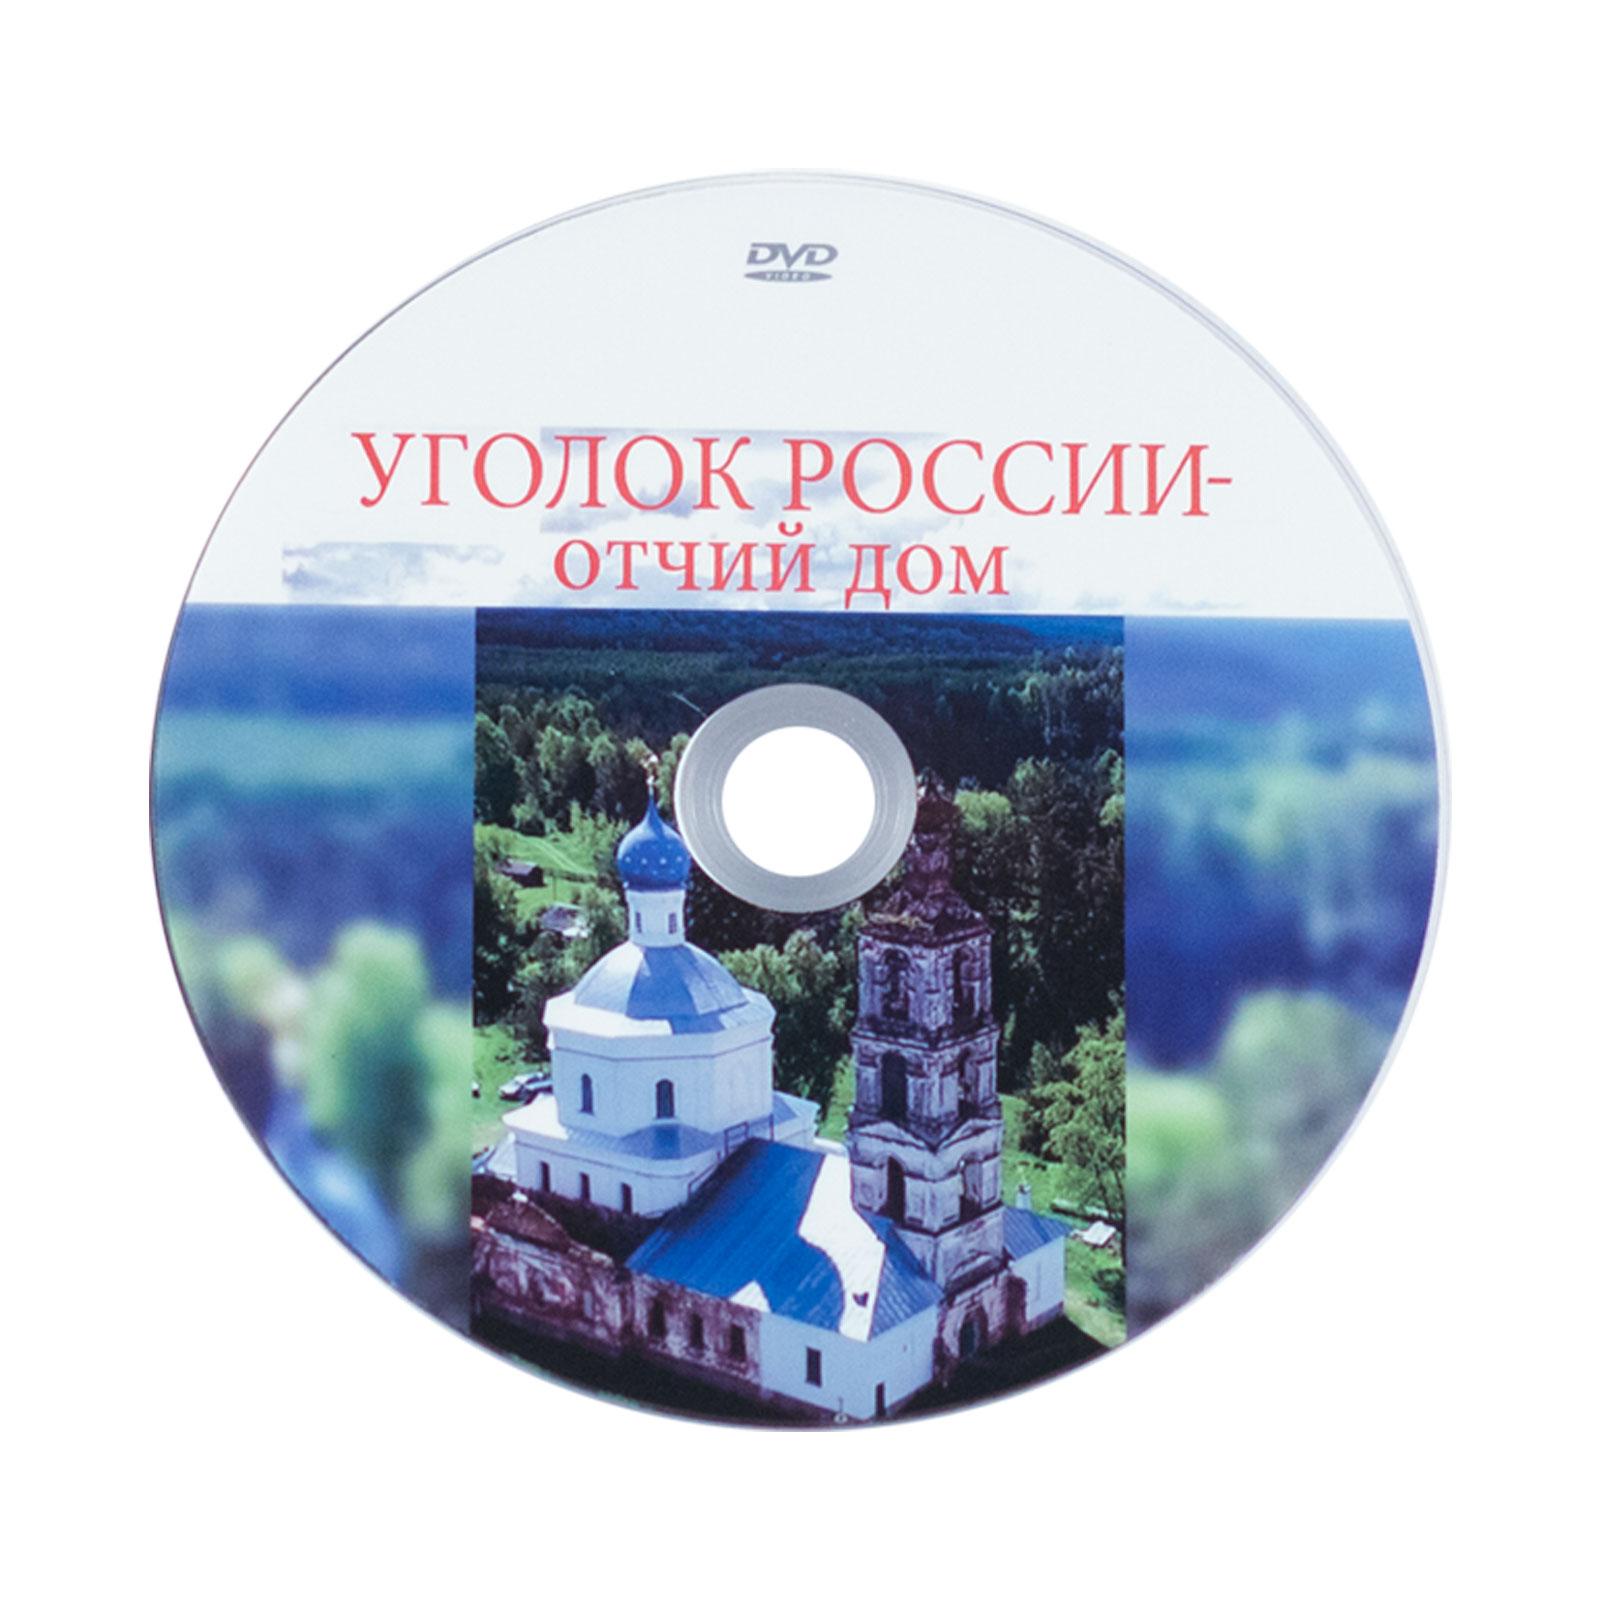 ПЕСНЯ УГОЛОК РОССИИ ОТЧИЙ ДОМ МИНУСОВКА СКАЧАТЬ БЕСПЛАТНО